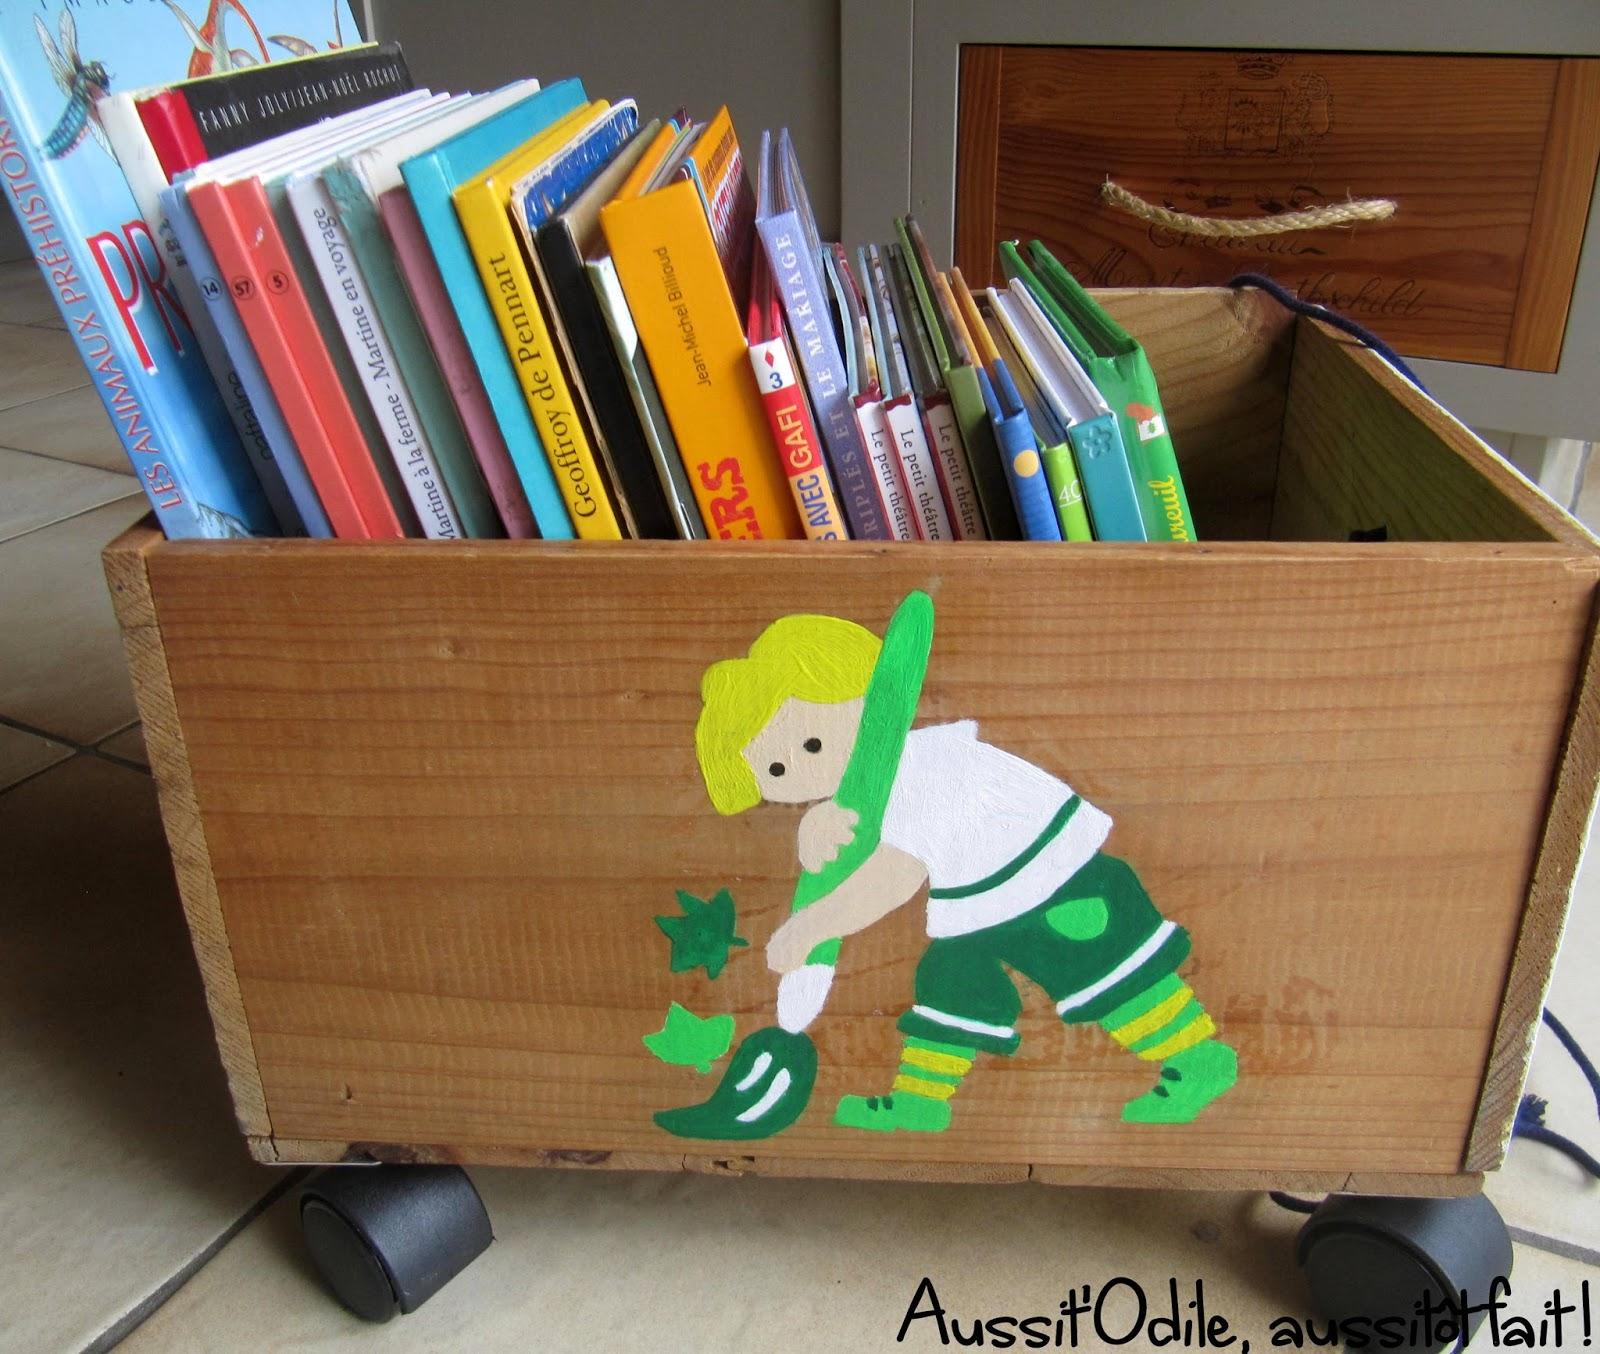 Caisse En Bois Pour Livre aussit'odile, aussitôt fait !: bibliothèque d'appoint